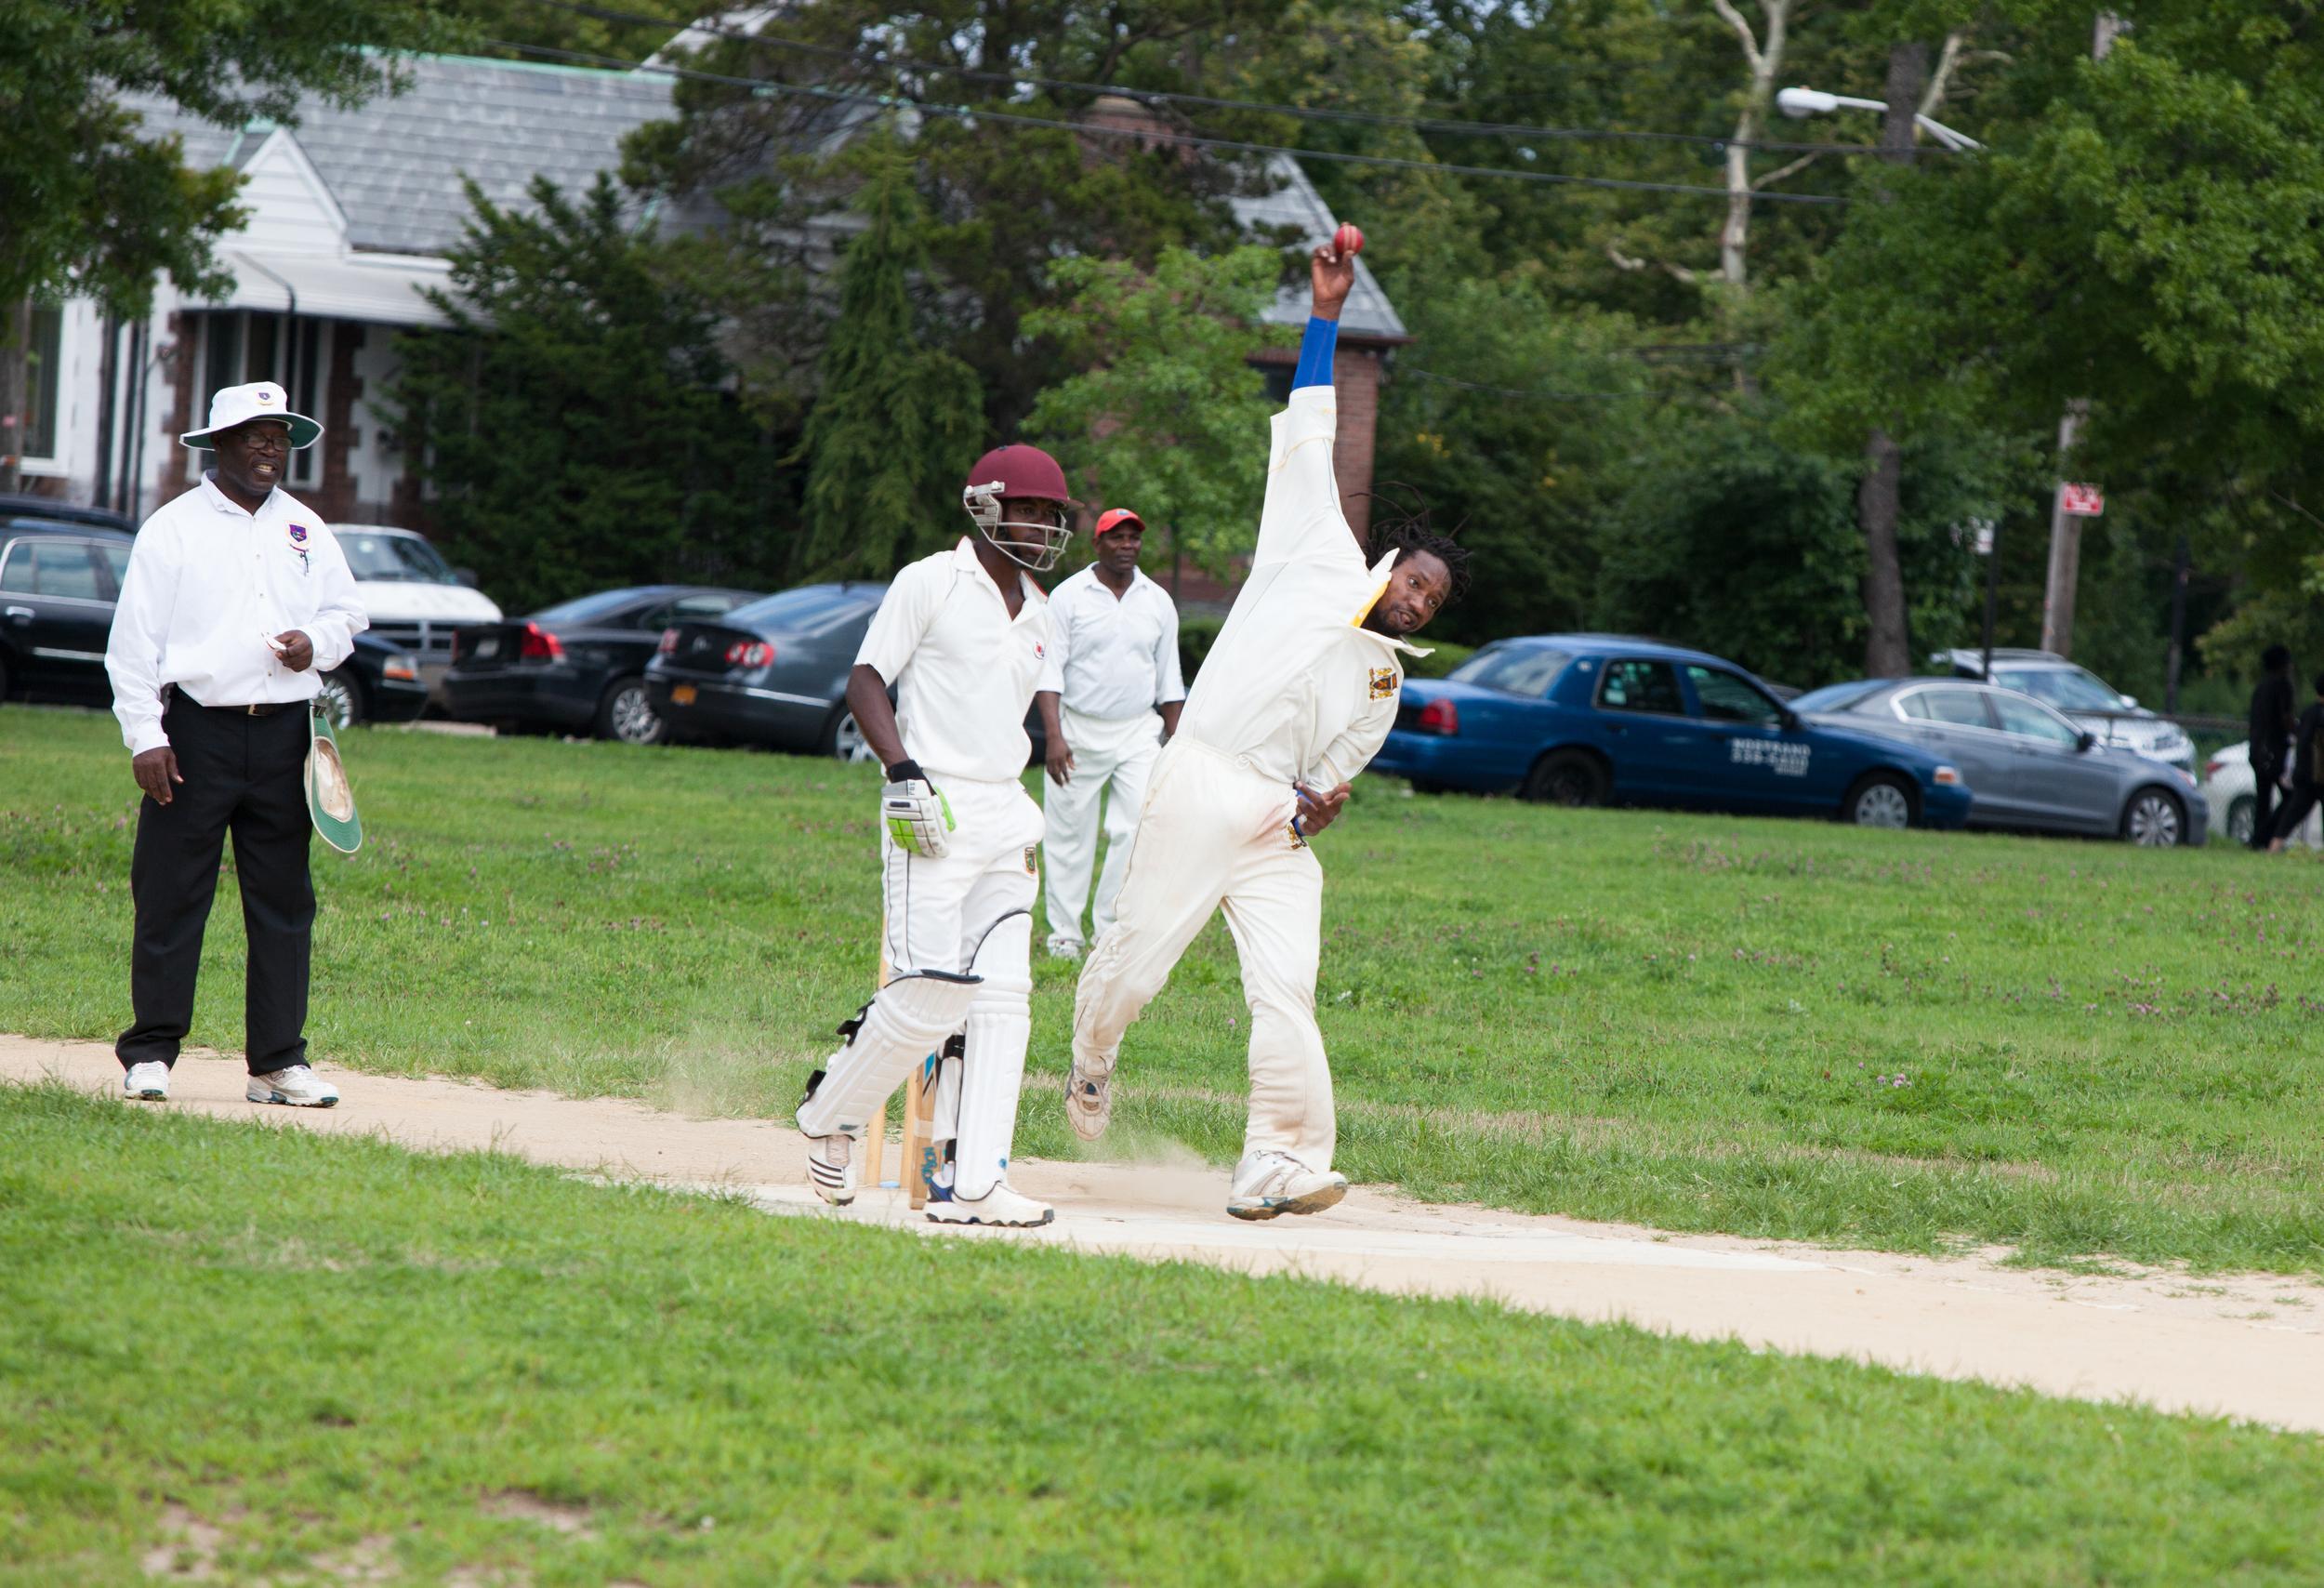 BKLYNR-Cricket-JasonBergman-028.jpg